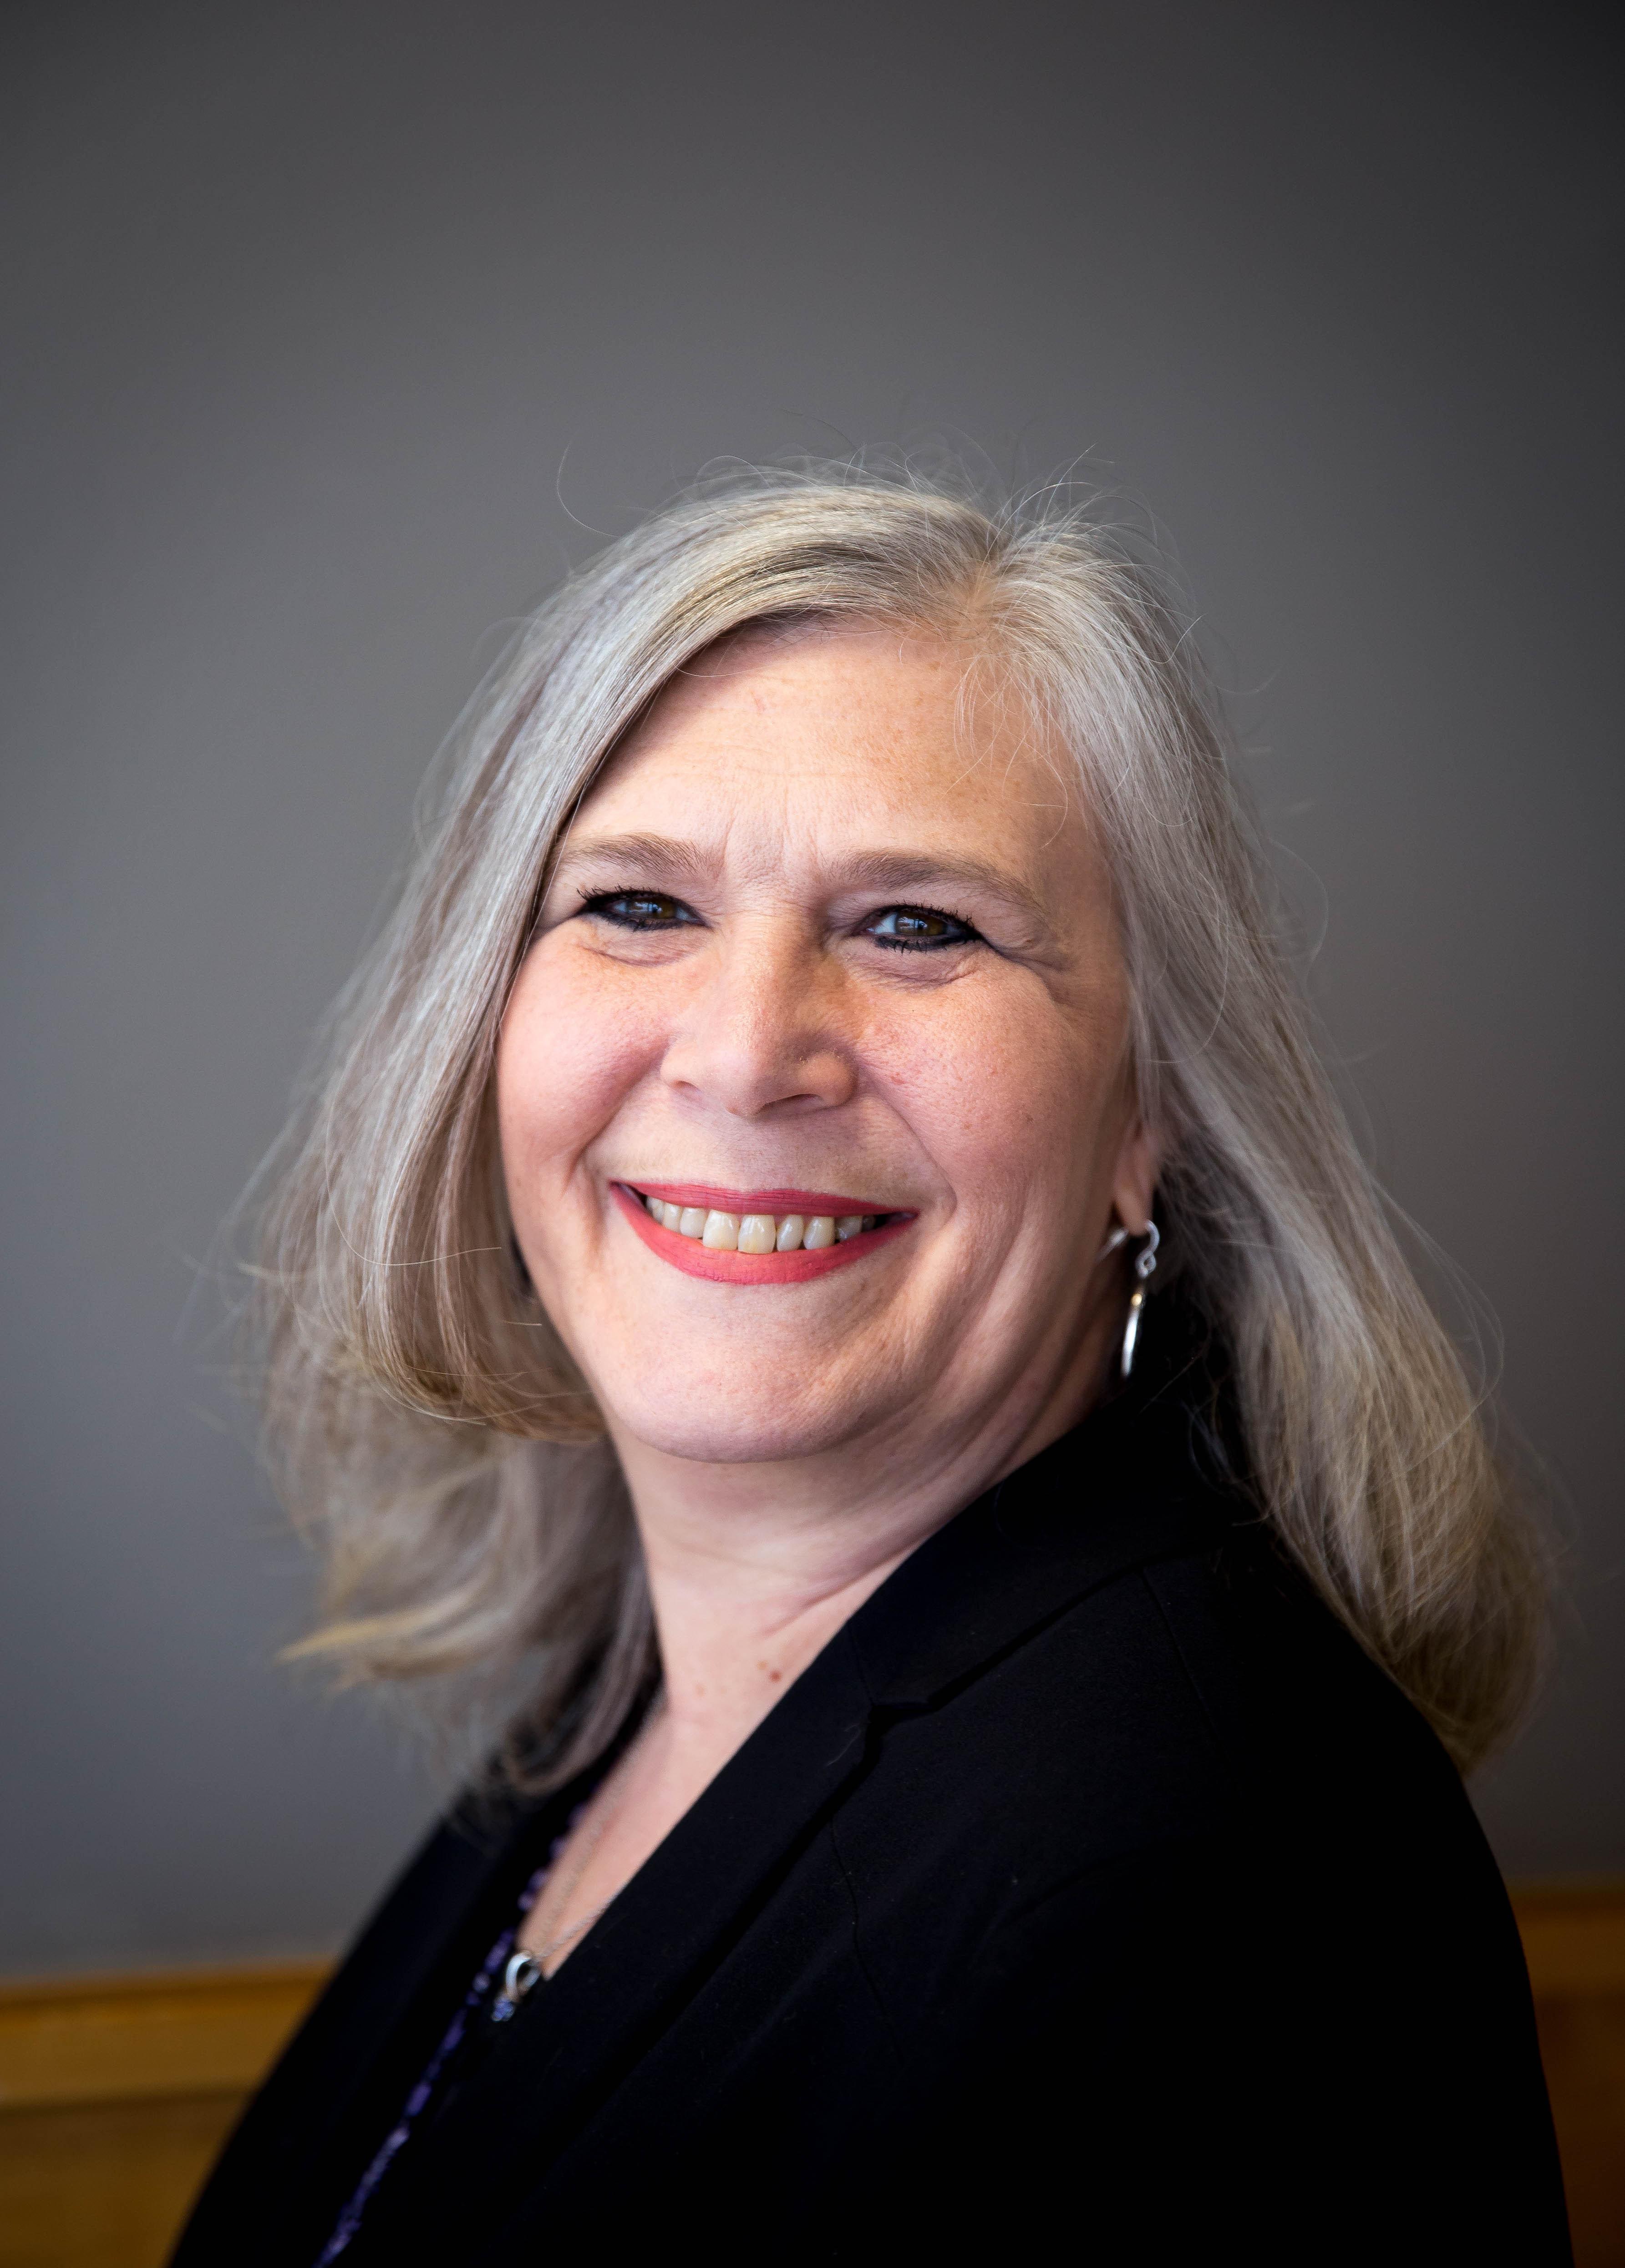 Jill Gettle